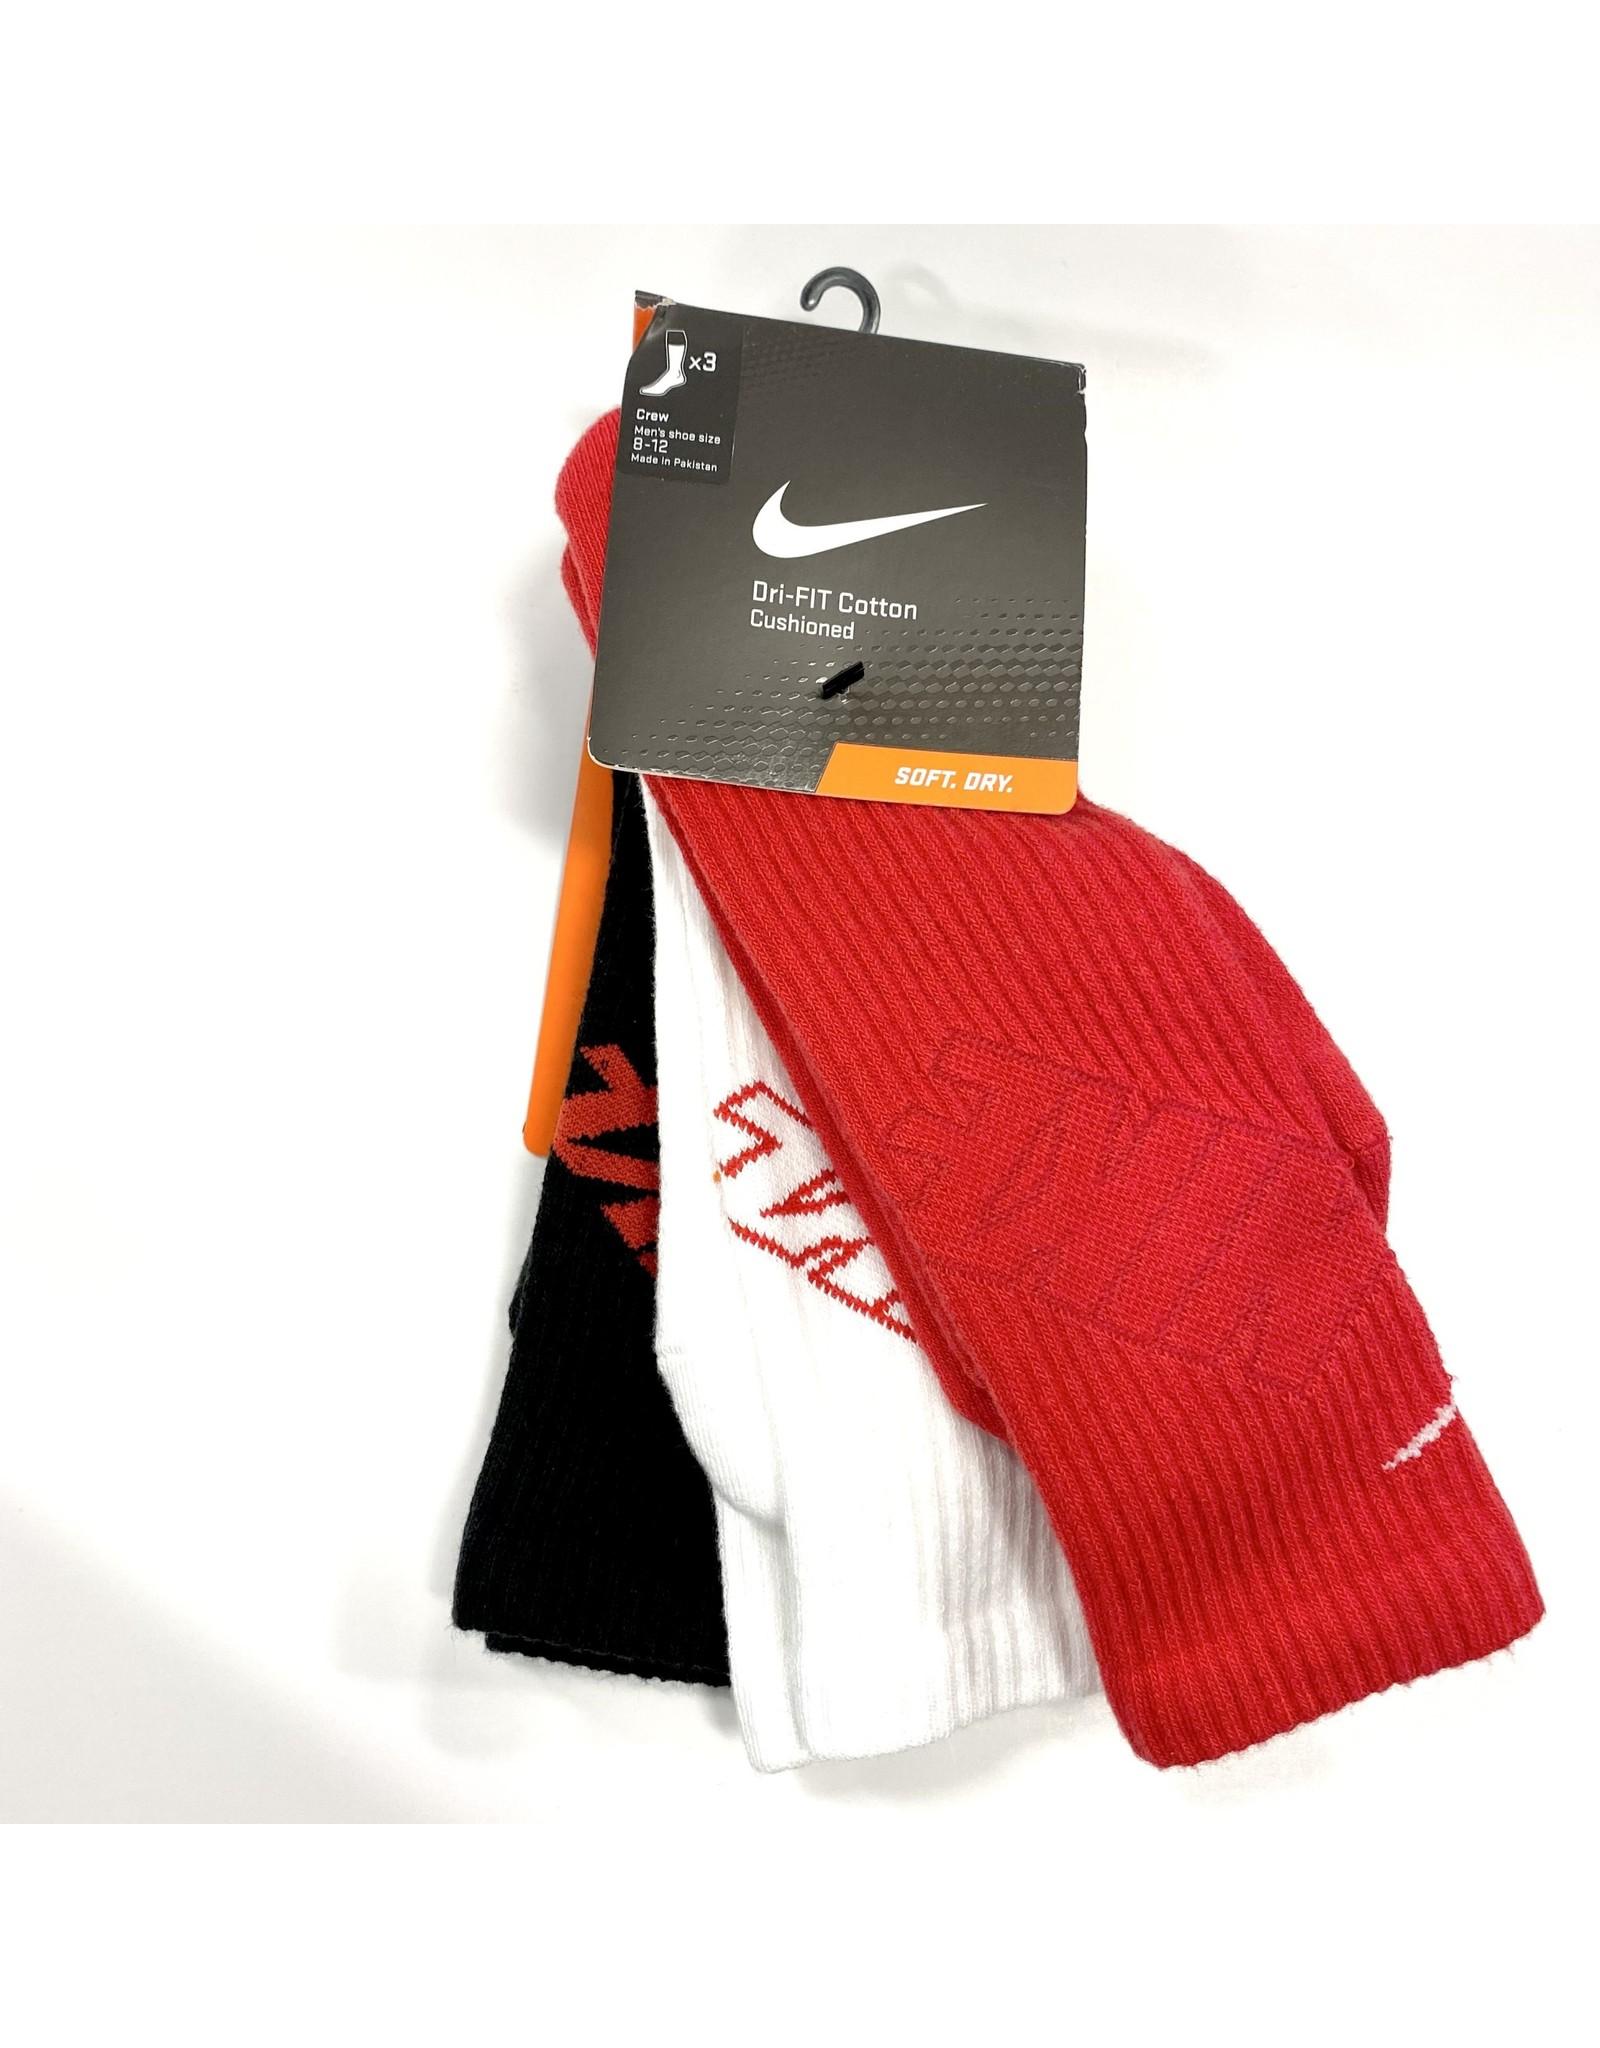 NIKE Socks 3-COLOR (3PK) in size LG